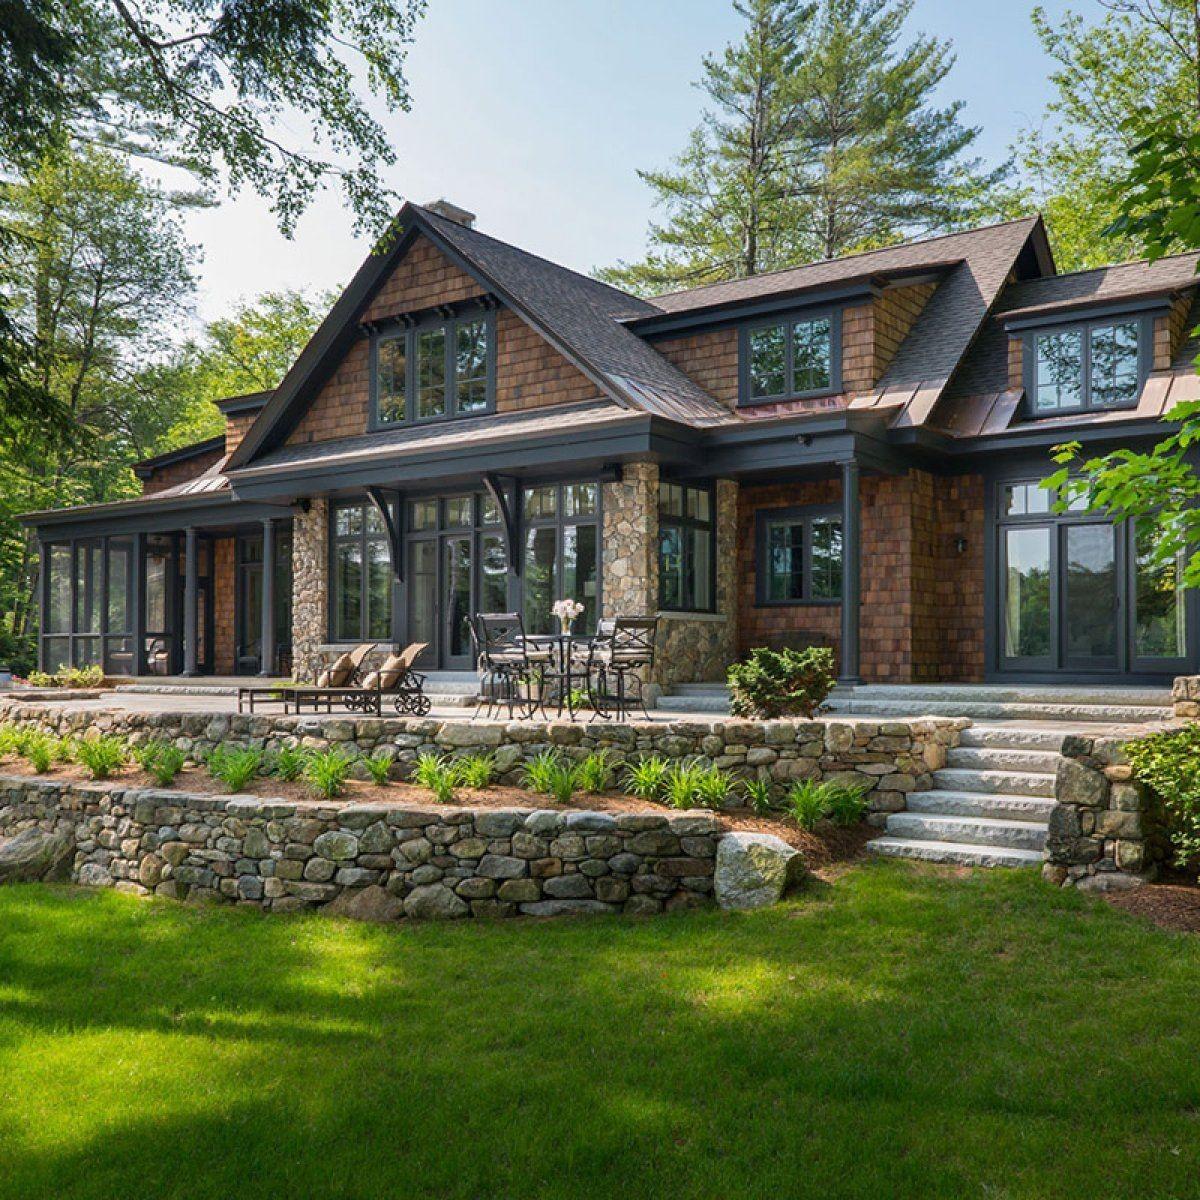 одном фотографии красивых загородных домов вопросы личной жизни